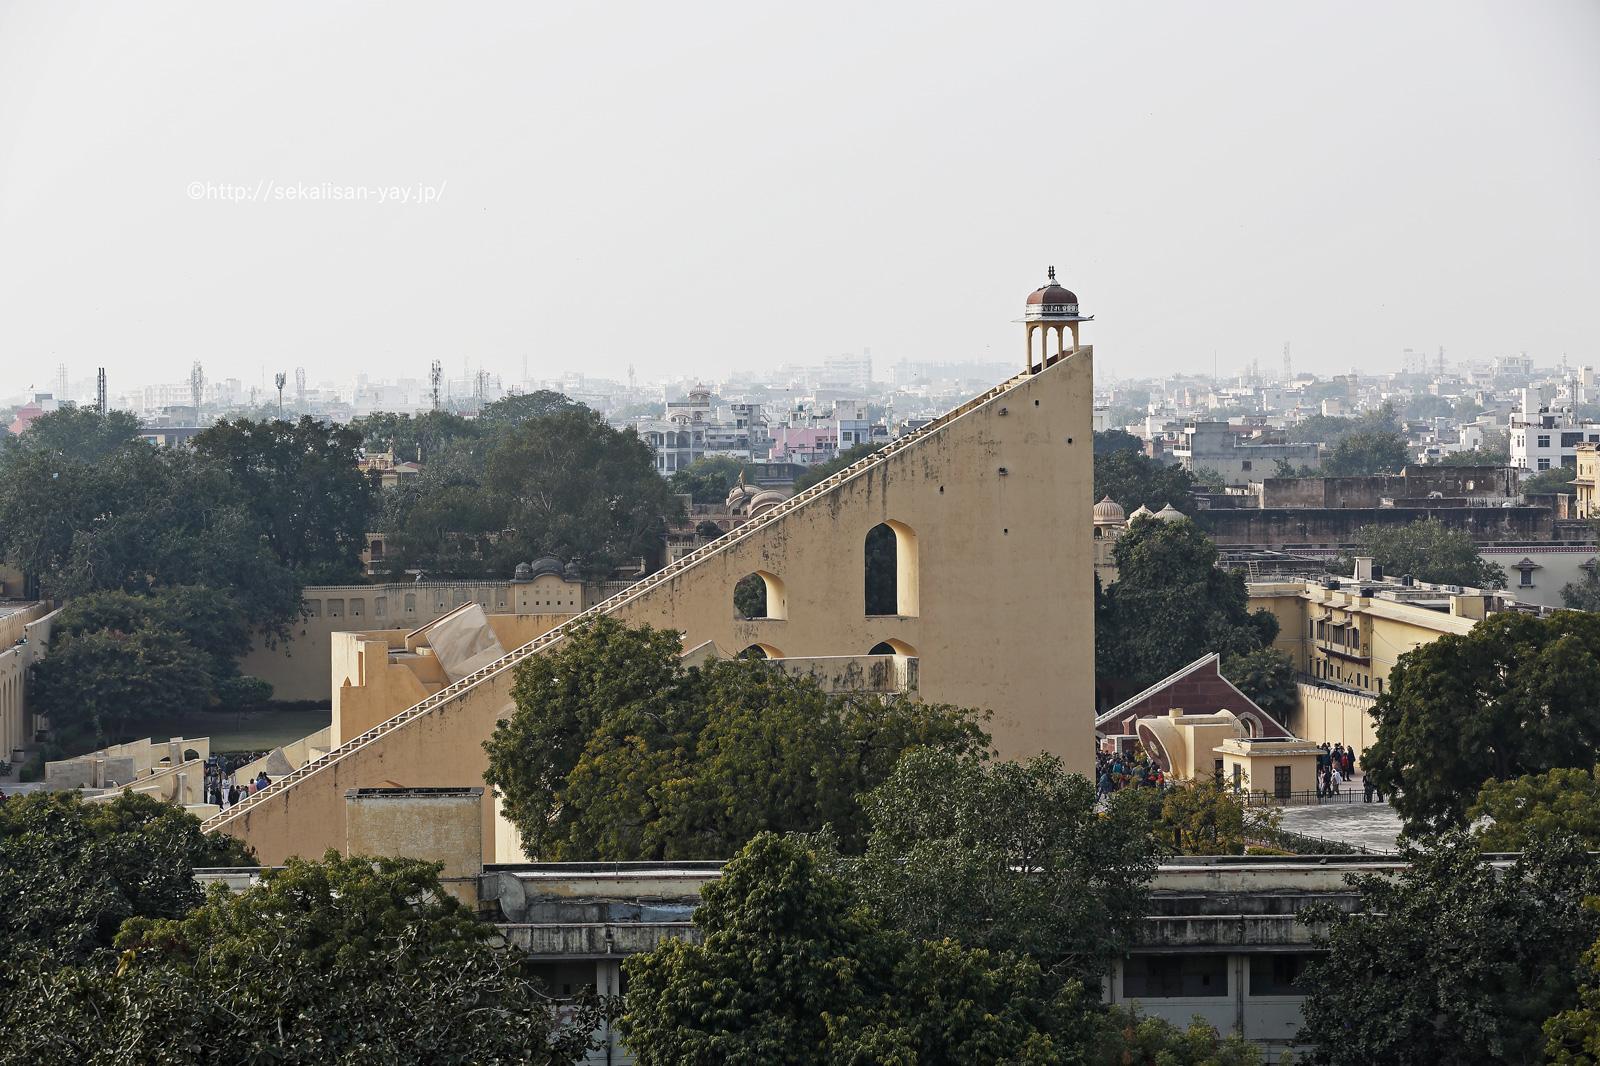 インド世界遺産「ジャイプールにあるジャンタル・マンタル」を風の宮殿より撮影